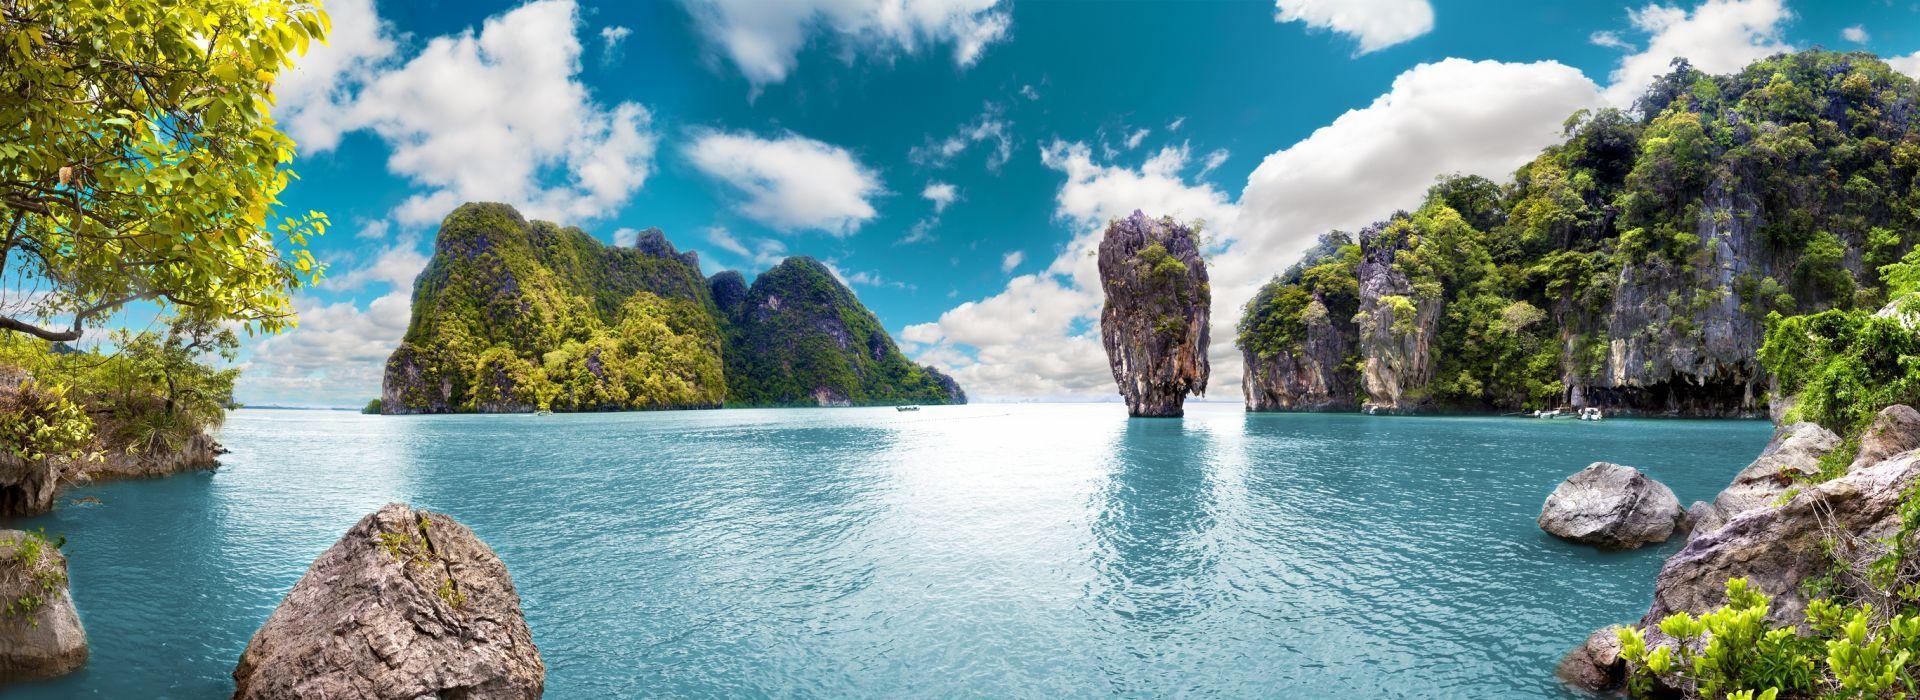 Beaches Tours in Phuket